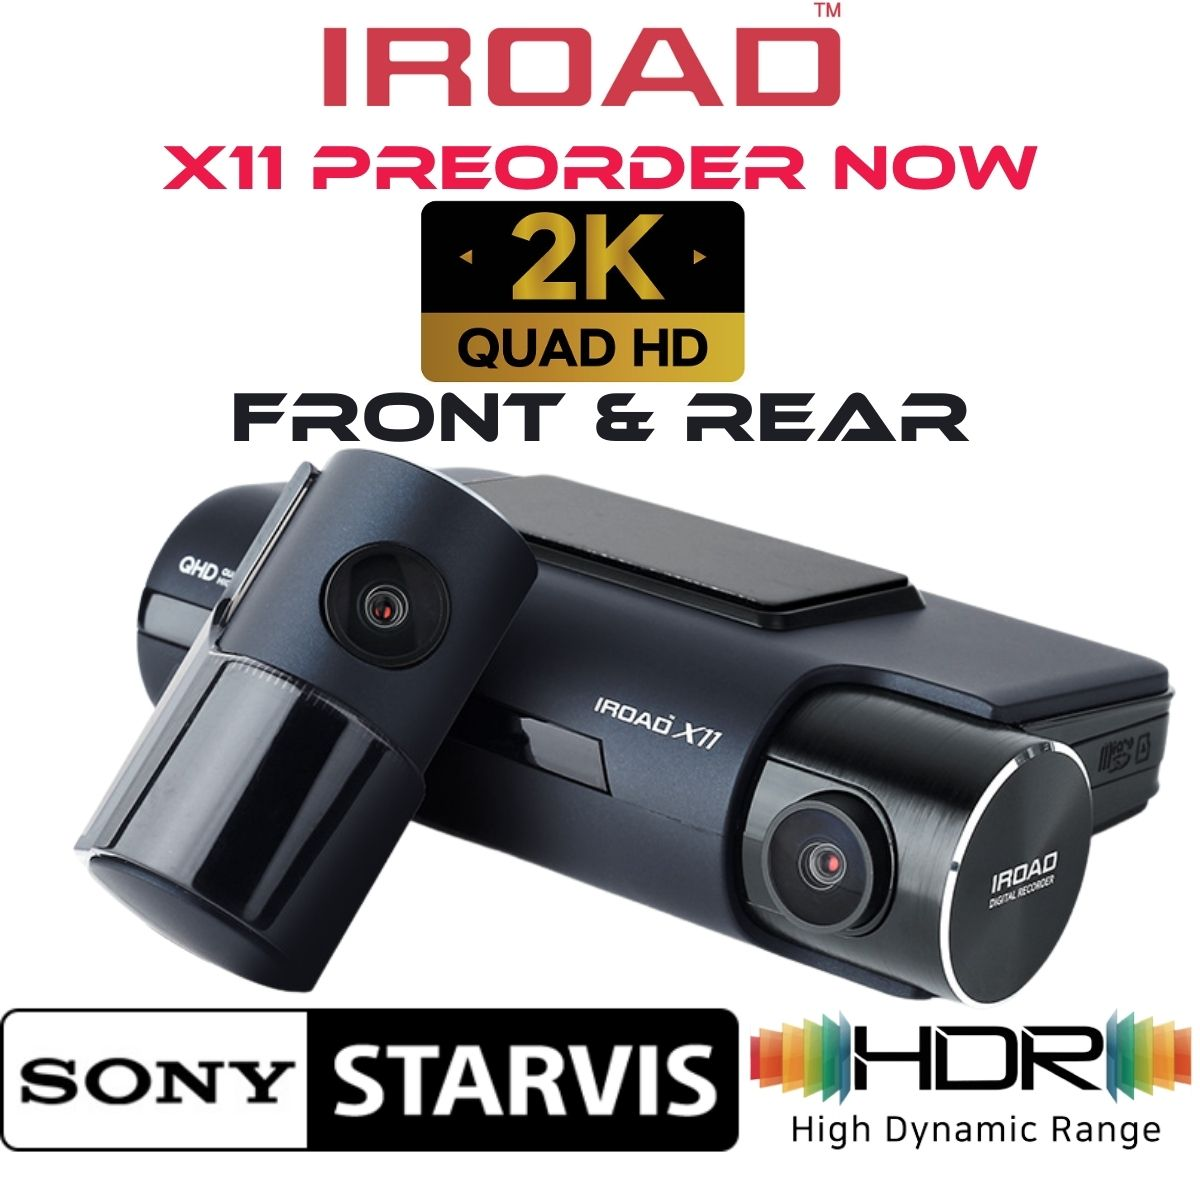 iroad x11